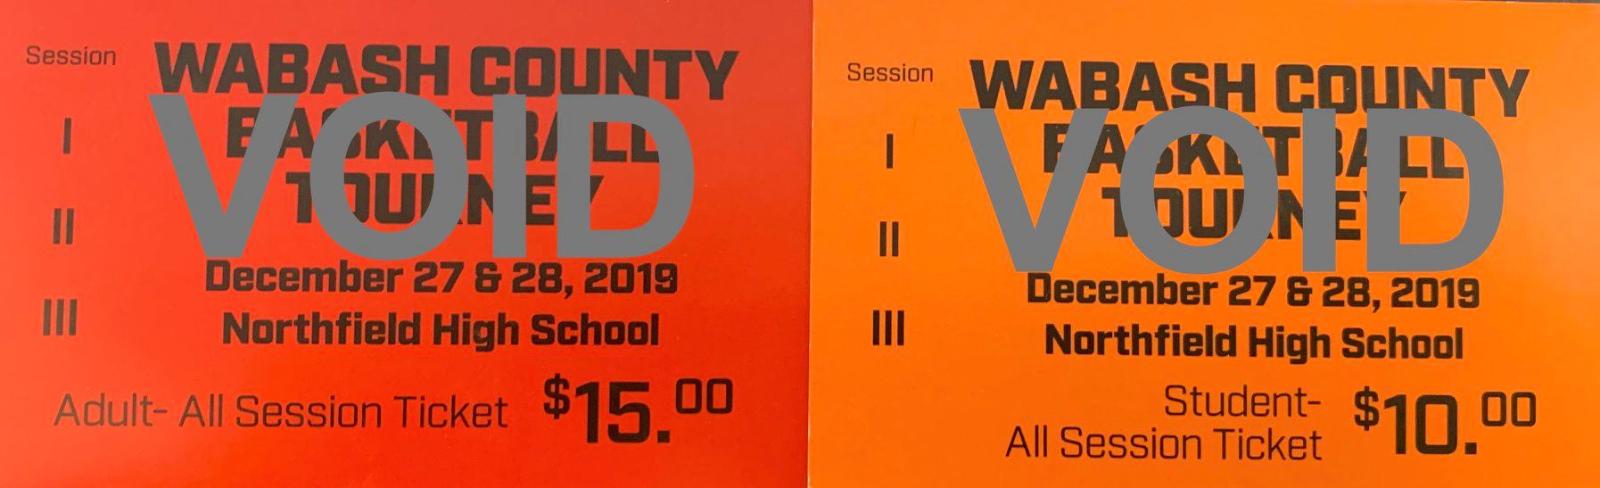 2019 Wabash County Tourney